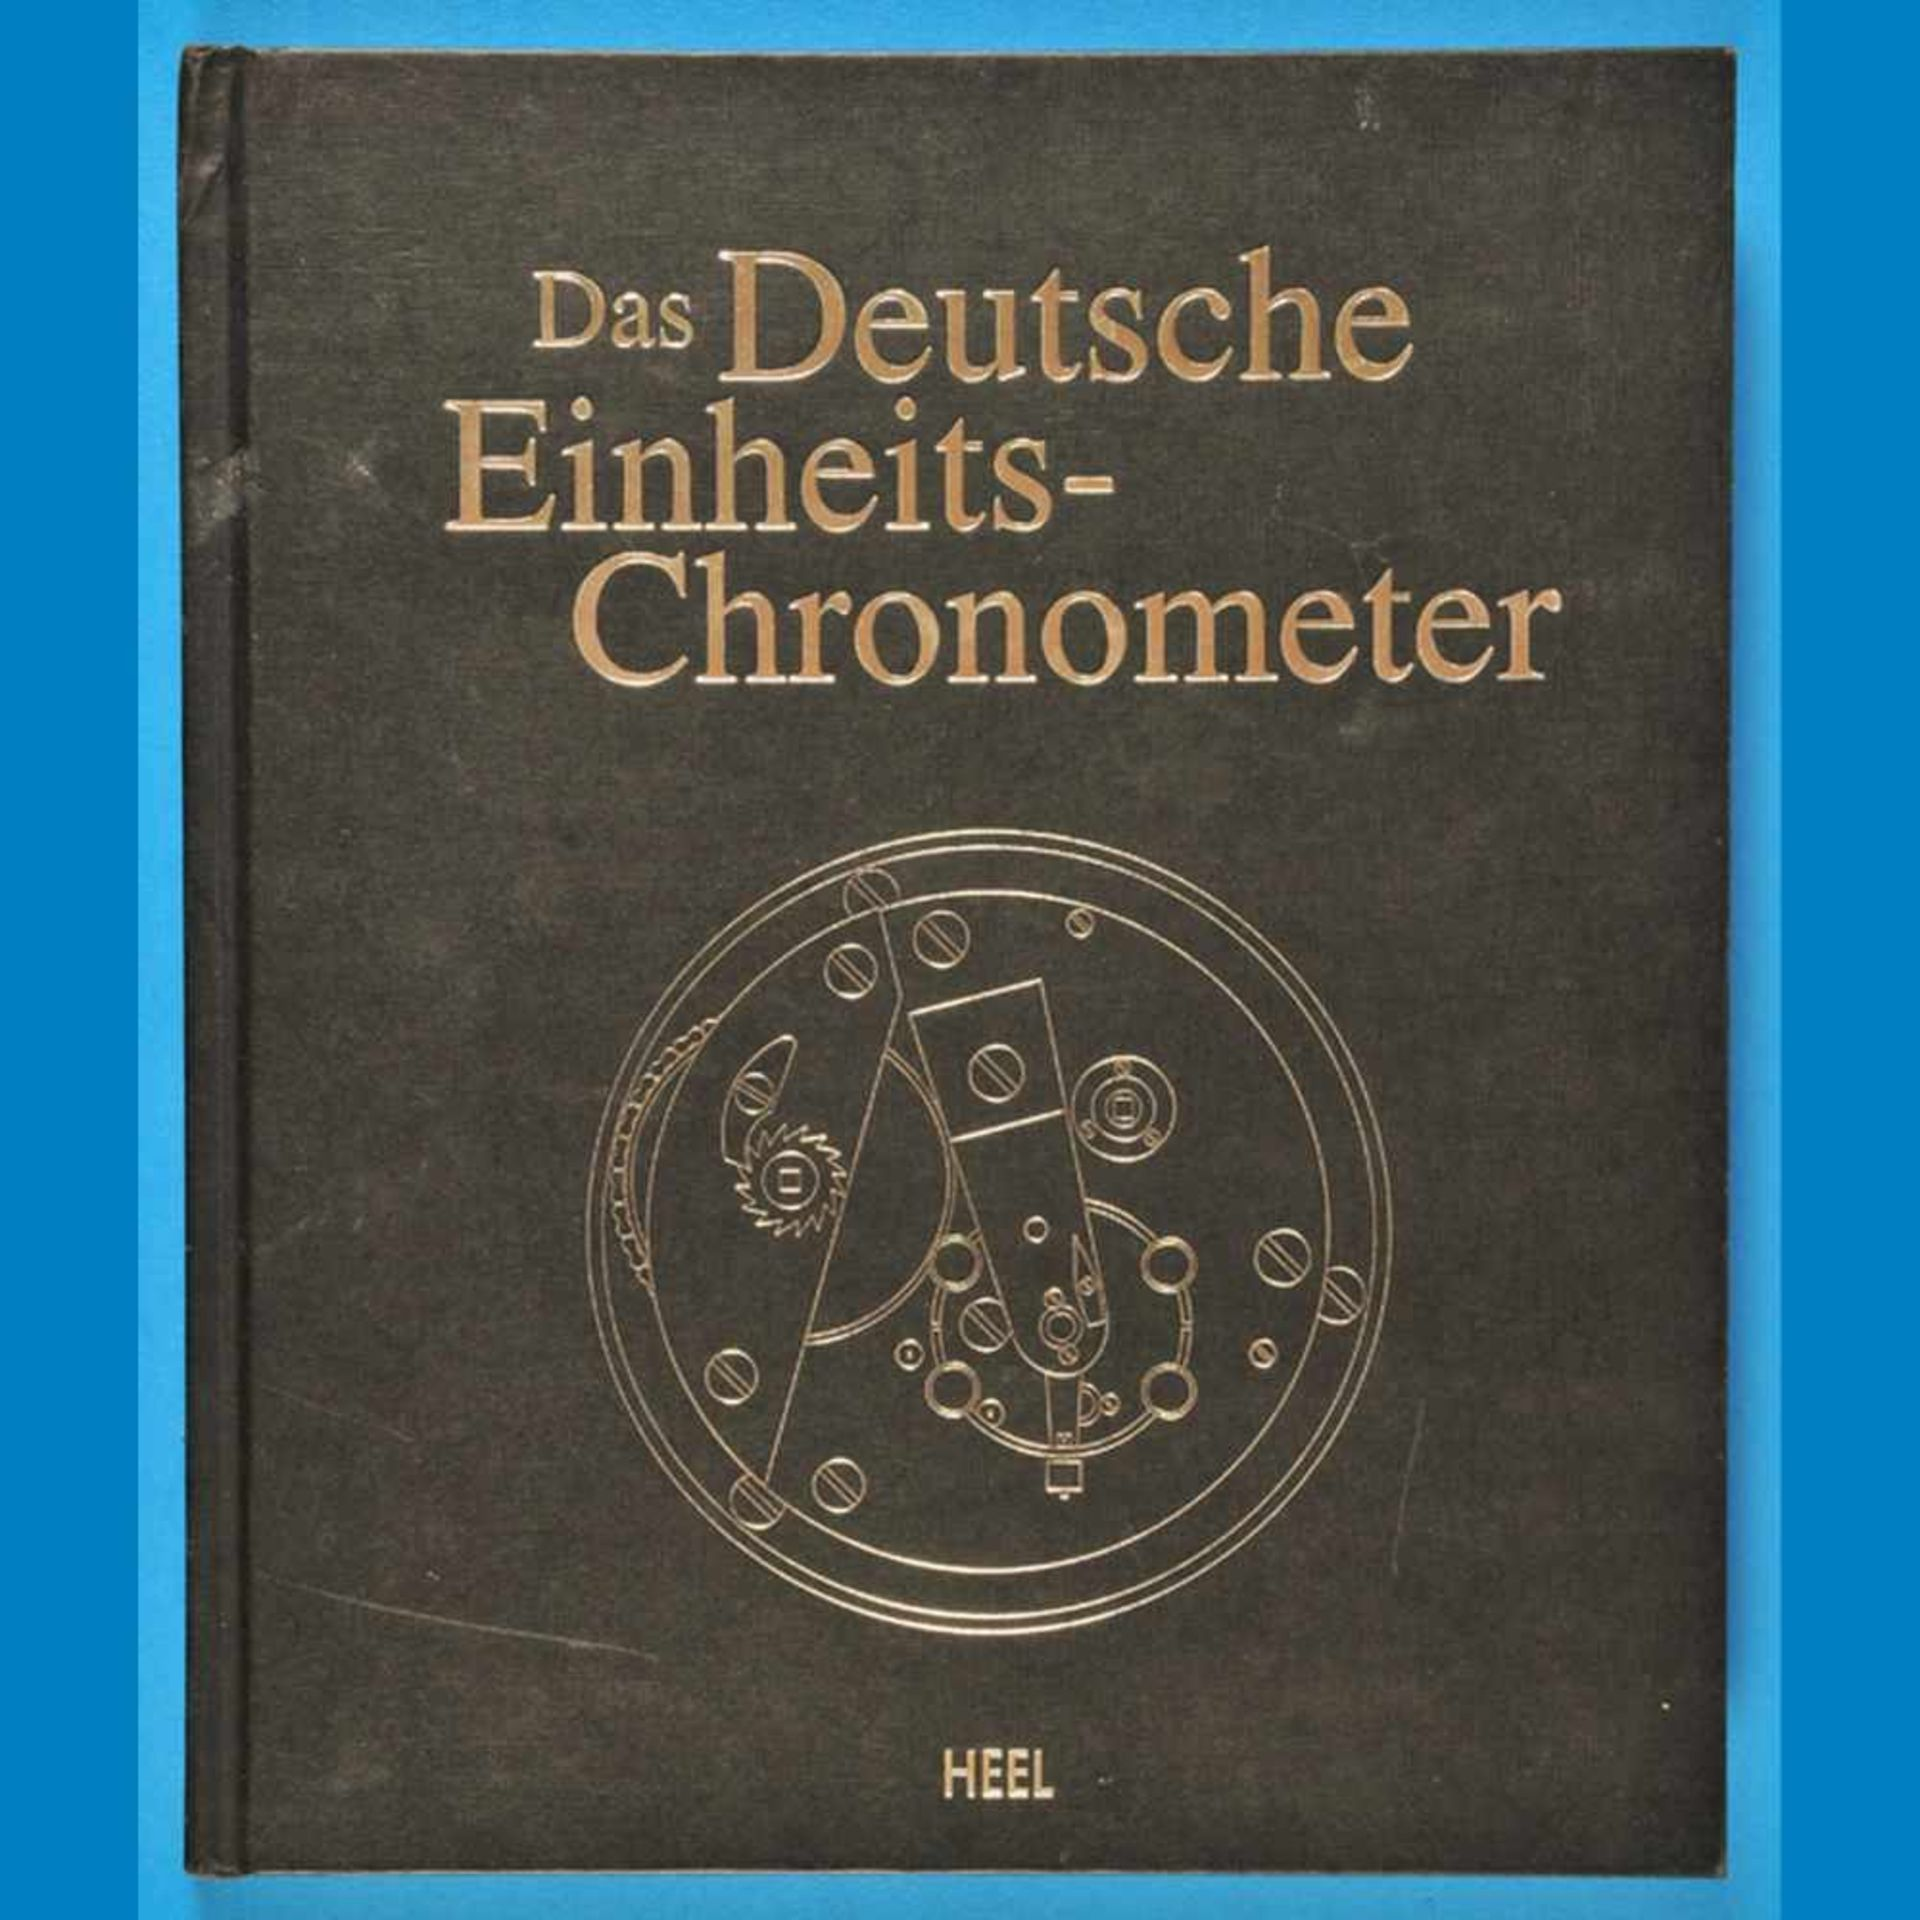 Altmeppen, Dittrich, Das Deutsche Einheits-Chronometer, 2012Altmeppen, Dittrich, Das Deutsc